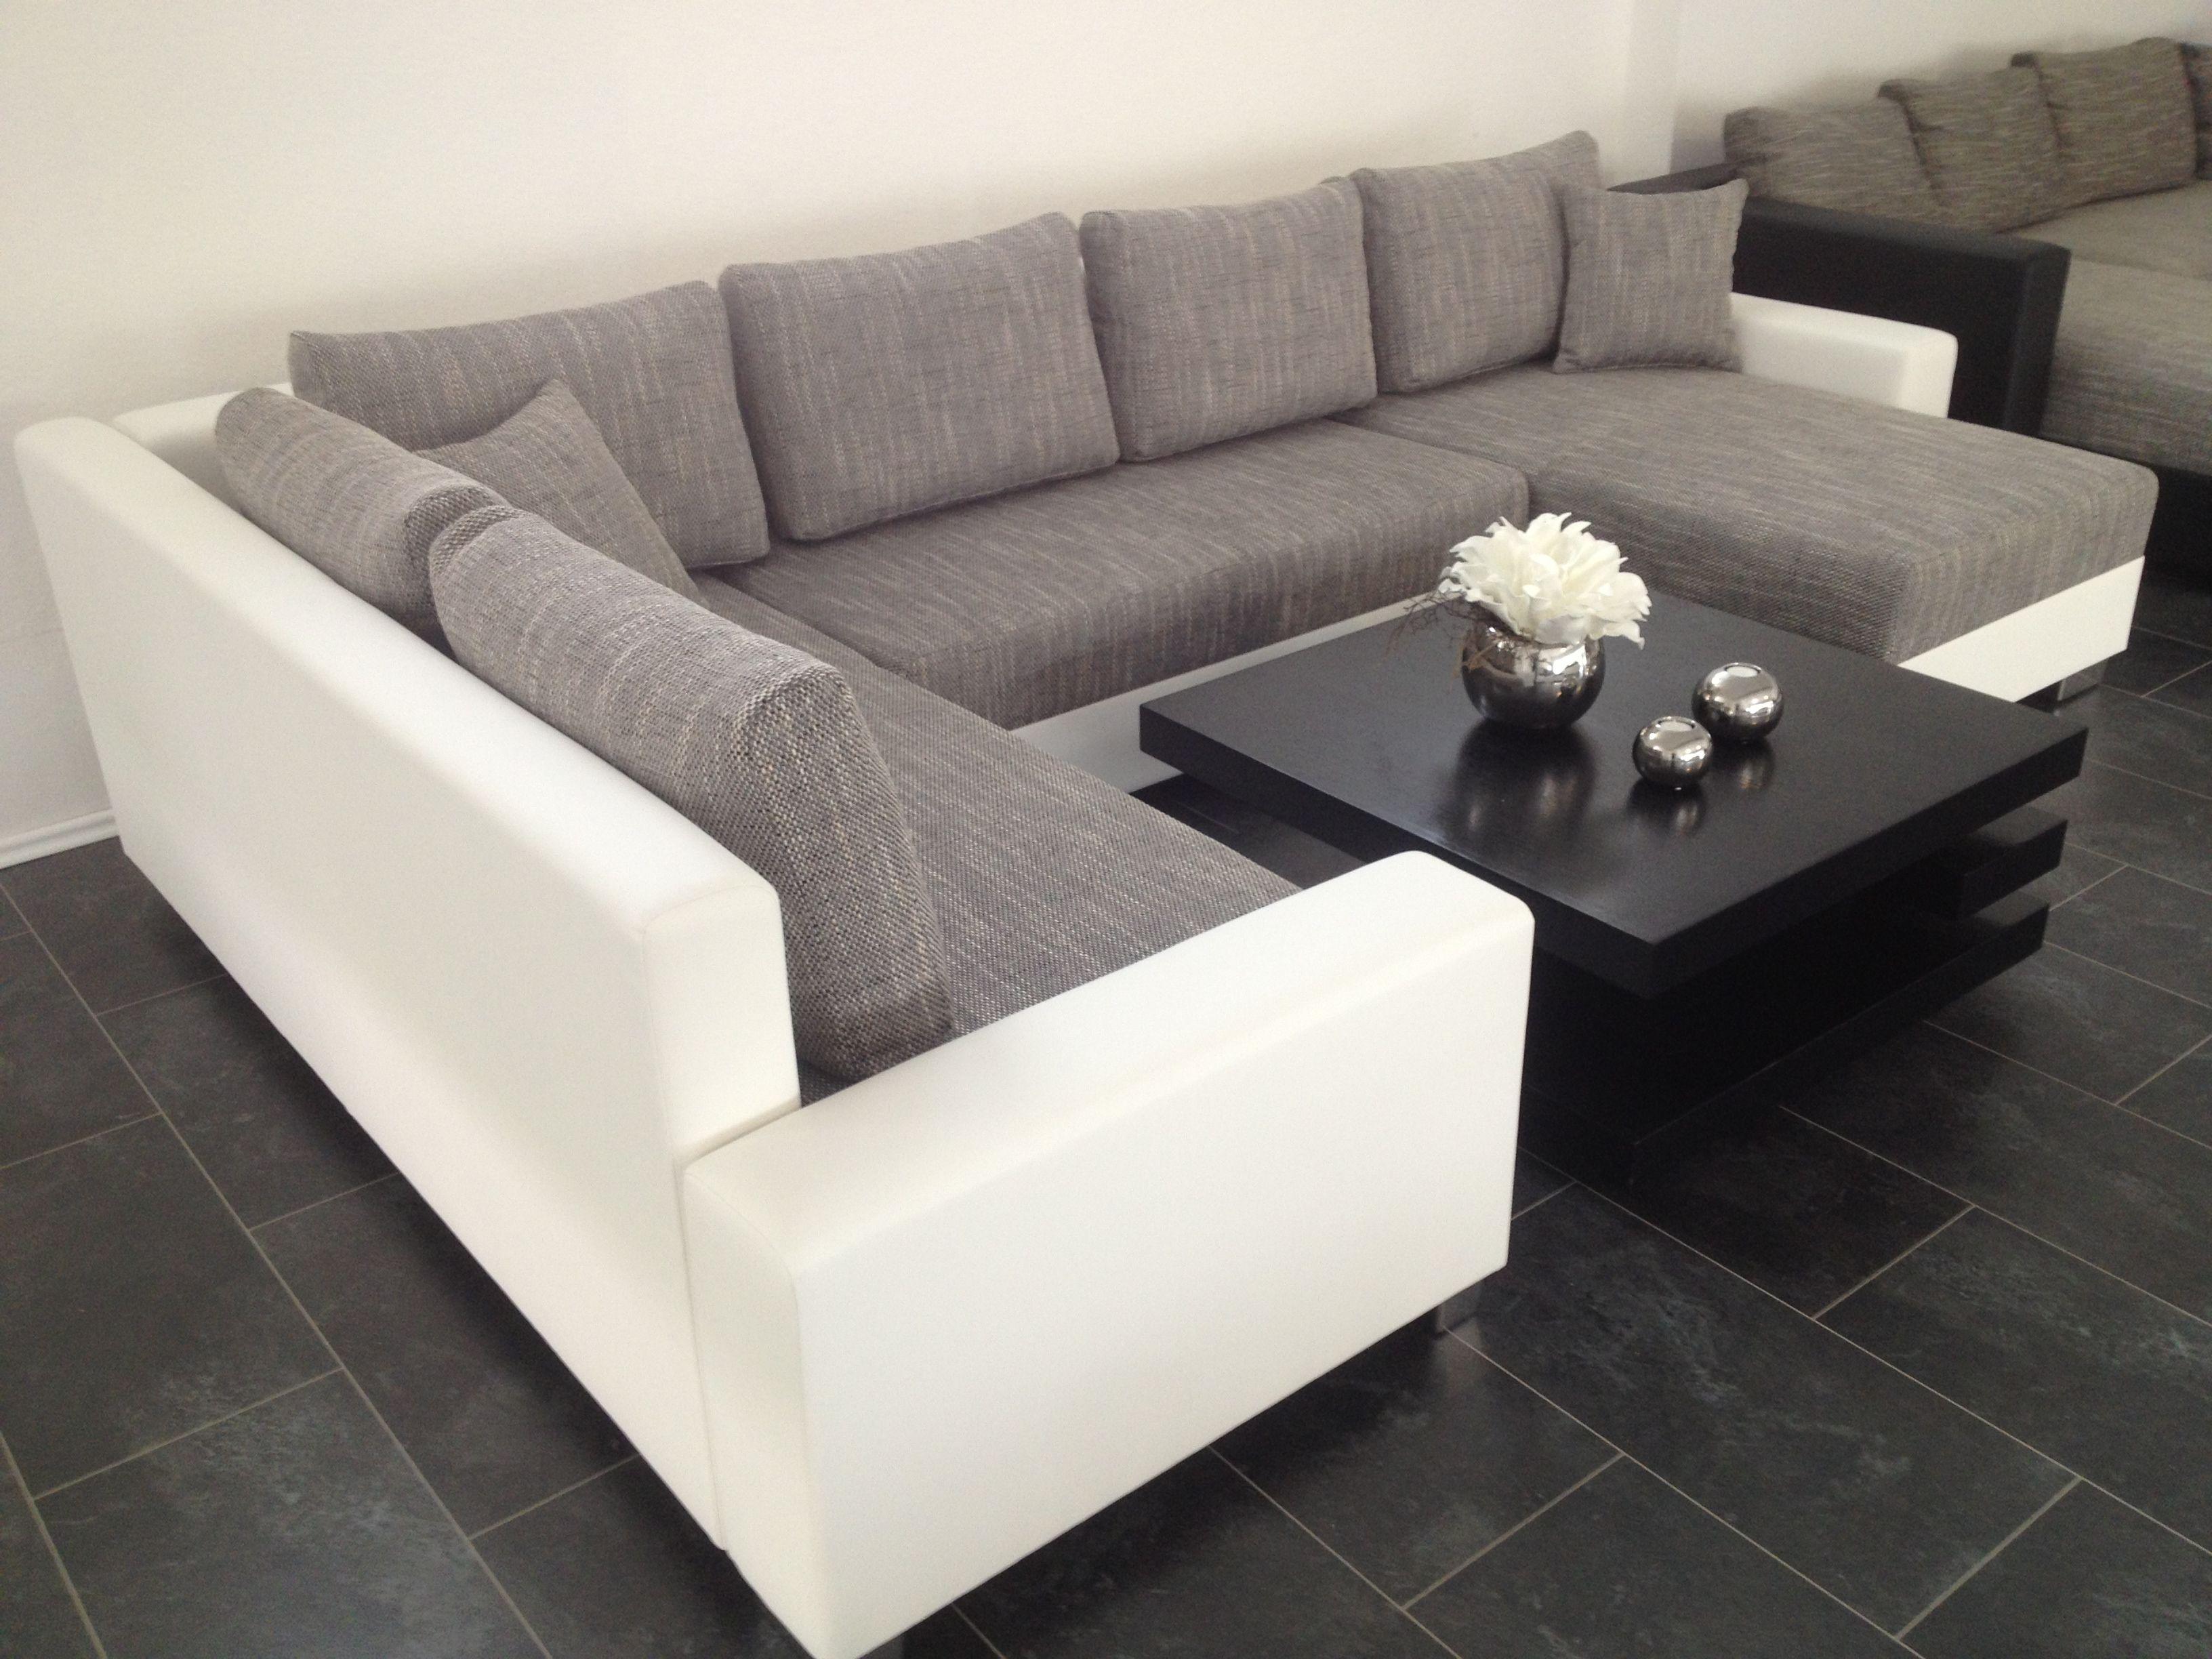 Sofa #Couch #Olpe #Polstermöbel #Elkenroth #westerwald #altenkirchen ...